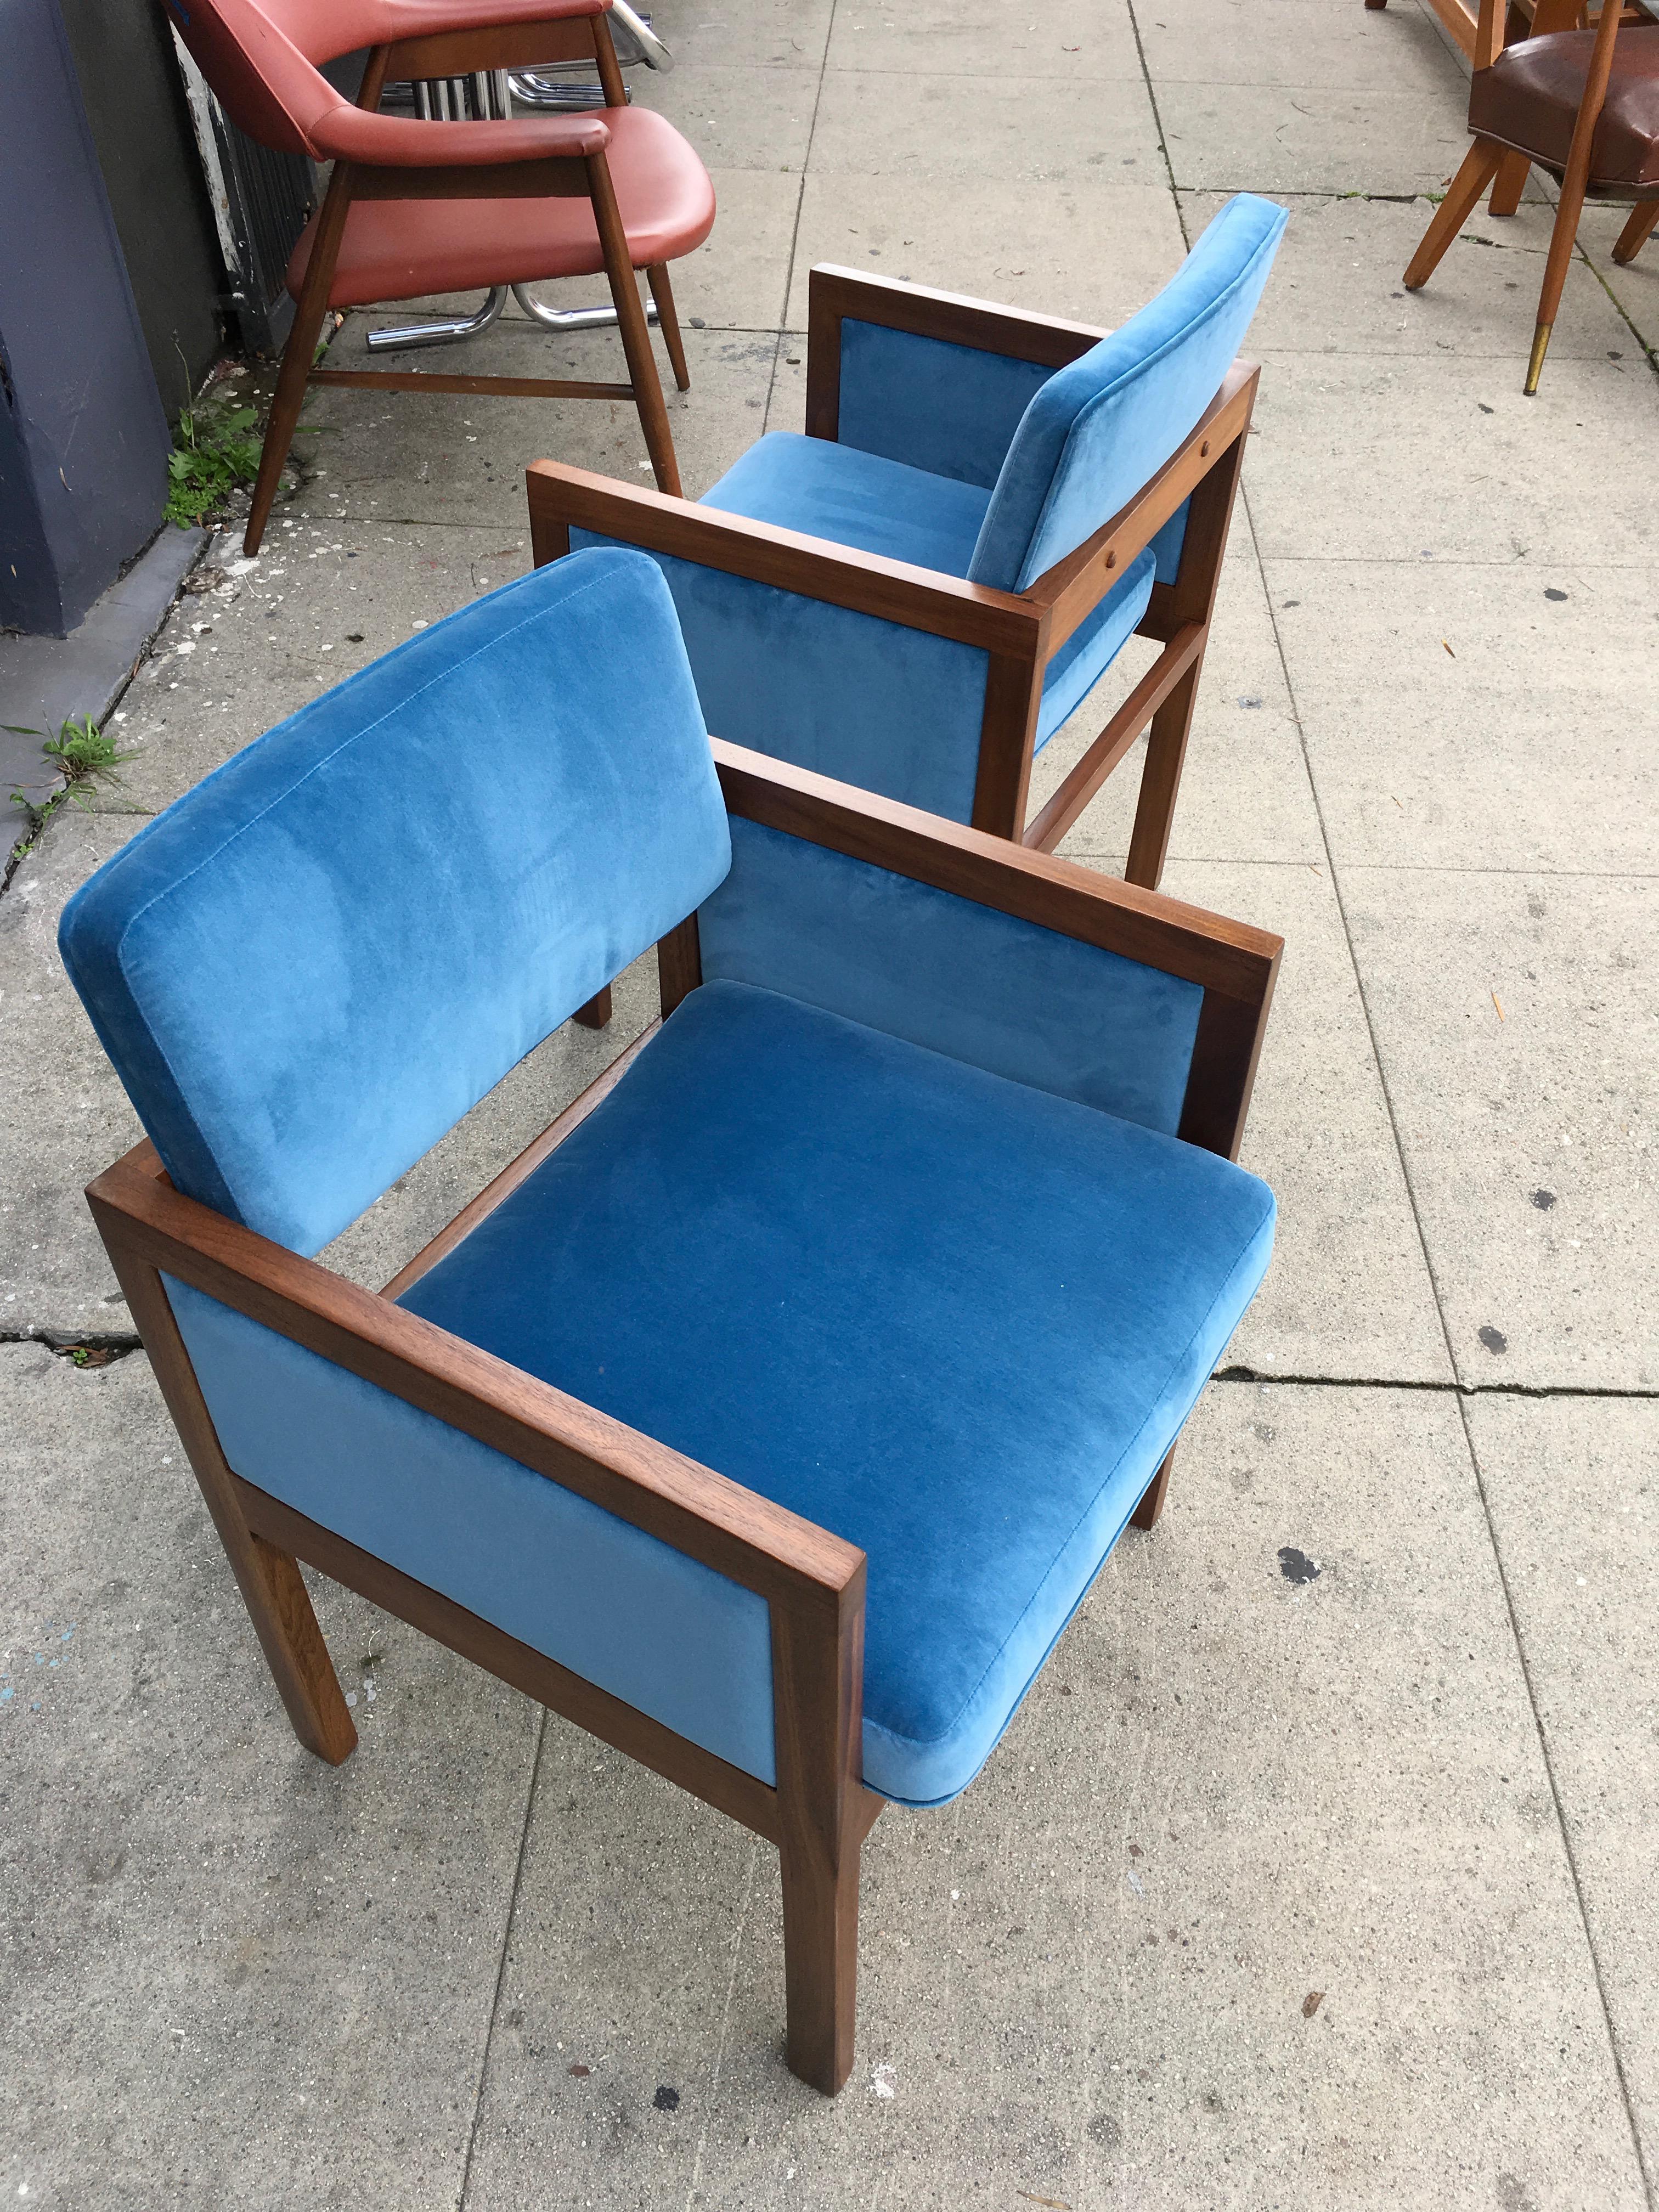 Robert John Walnut Arm Chairs In Blue Velvet   Image 6 Of 11